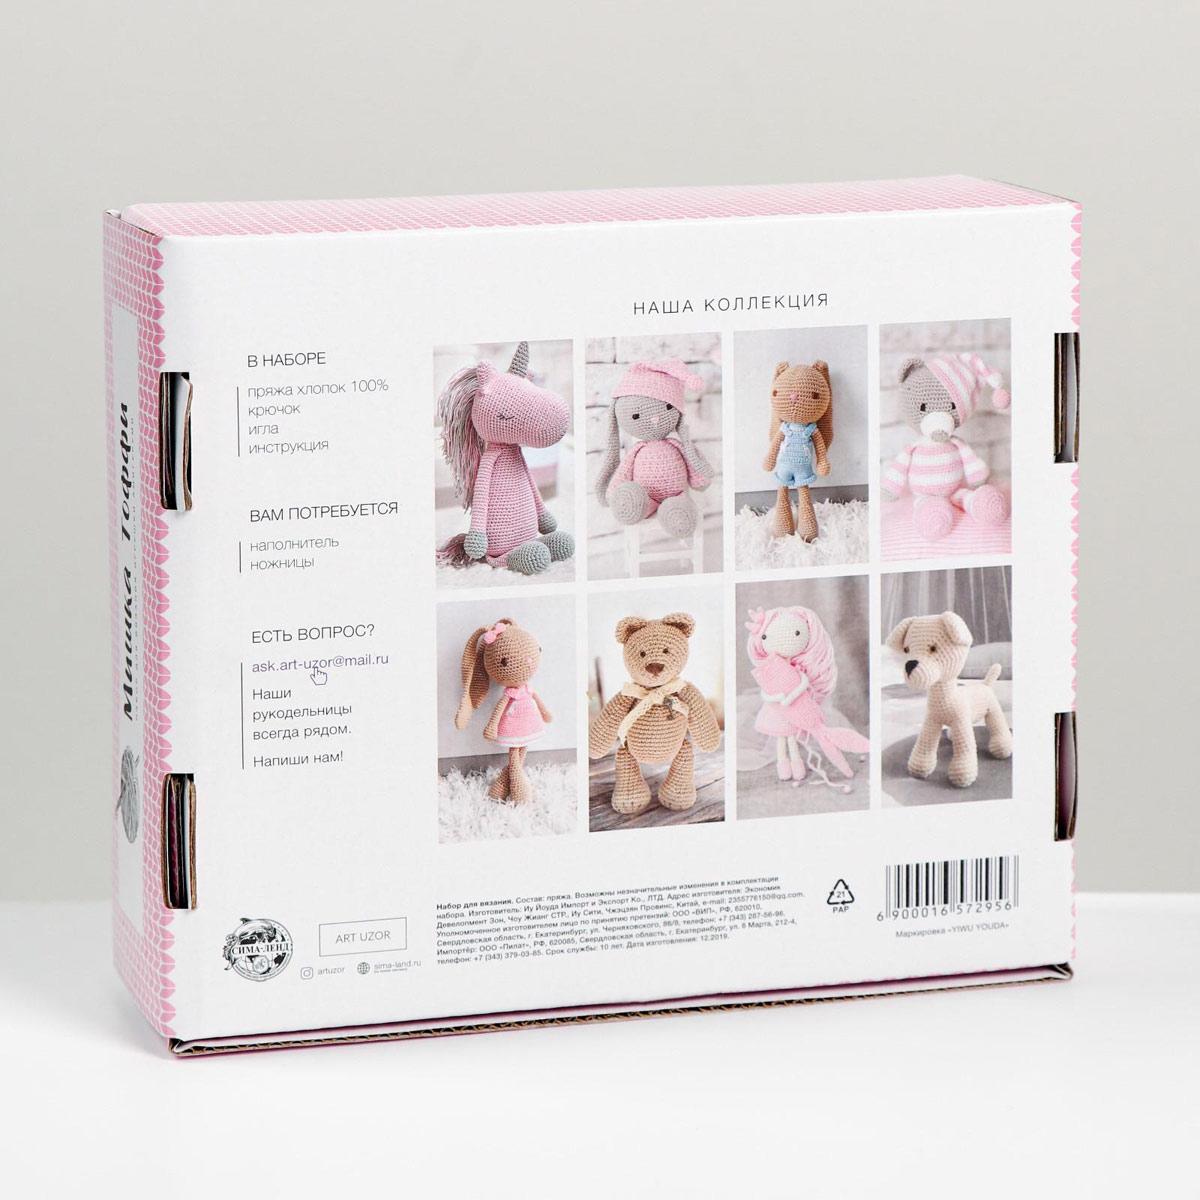 2724094 Амигуруми: Мягкая игрушка 'Сонный мишка Уолт', набор для вязания, 10*4*14 см